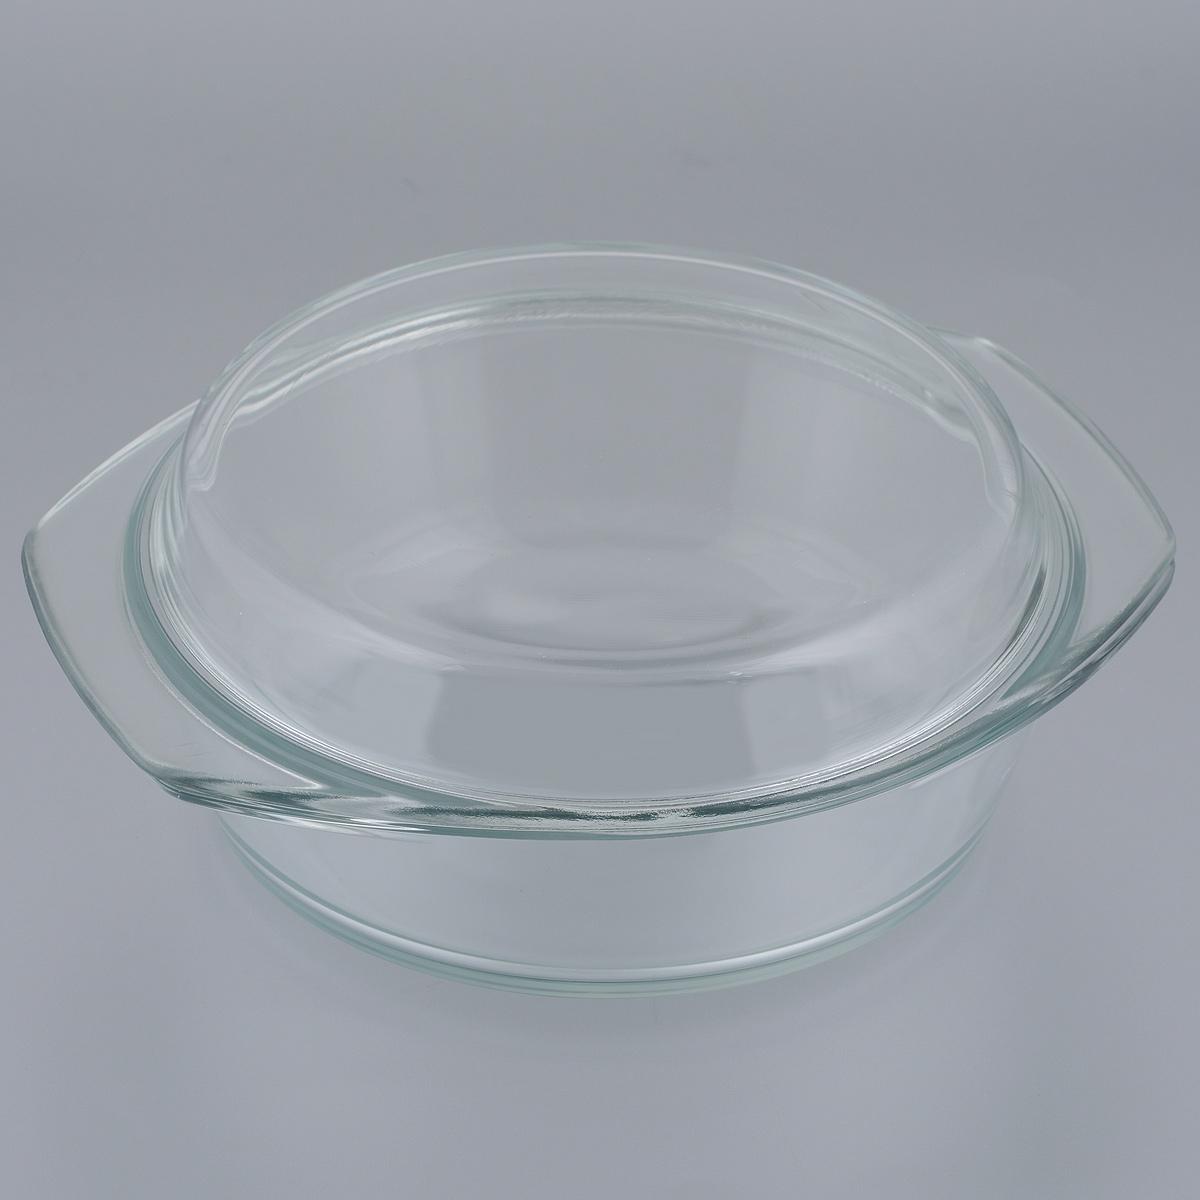 """Кастрюля """"Mijotex"""" изготовлена из экологически чистого жаропрочного стекла и оснащена крышкой, которую также можно использовать как отдельную емкость. Стекло - самый безопасный для здоровья материал. Посуда из стекла не вступает в реакцию с готовящейся пищей, а потому не выделяет никаких вредных веществ, не подвергается воздействию кислот и солей. Из-за невысокой теплопроводности пища в стеклянной посуде гораздо медленнее остывает. Стеклянная посуда очень удобна для приготовления, разогрева и хранения самых разнообразных блюд: супов, вторых блюд, десертов. Используя такую кастрюлю, вы можете не только приготовить в ней пищу, но и подать ее к столу, не меняя посуды. Благодаря гладкой идеально ровной поверхности посуда легко моется. Допускается нагрев посуды до 250°С. Данная форма не подходит для открытого огня (СВЧ, духовка (любая)). Можно использовать для хранения в холодильнике и морозильной камере. Можно мыть в посудомоечной машине. Высота стенок кастрюли: 6,5 см. Высота кастрюли (с учетом крышки): 9,5 см. Ширина кастрюли (с учетом ручек): 23,5 см. Толщина стенок: 5 мм.Толщина дна: 5 мм."""